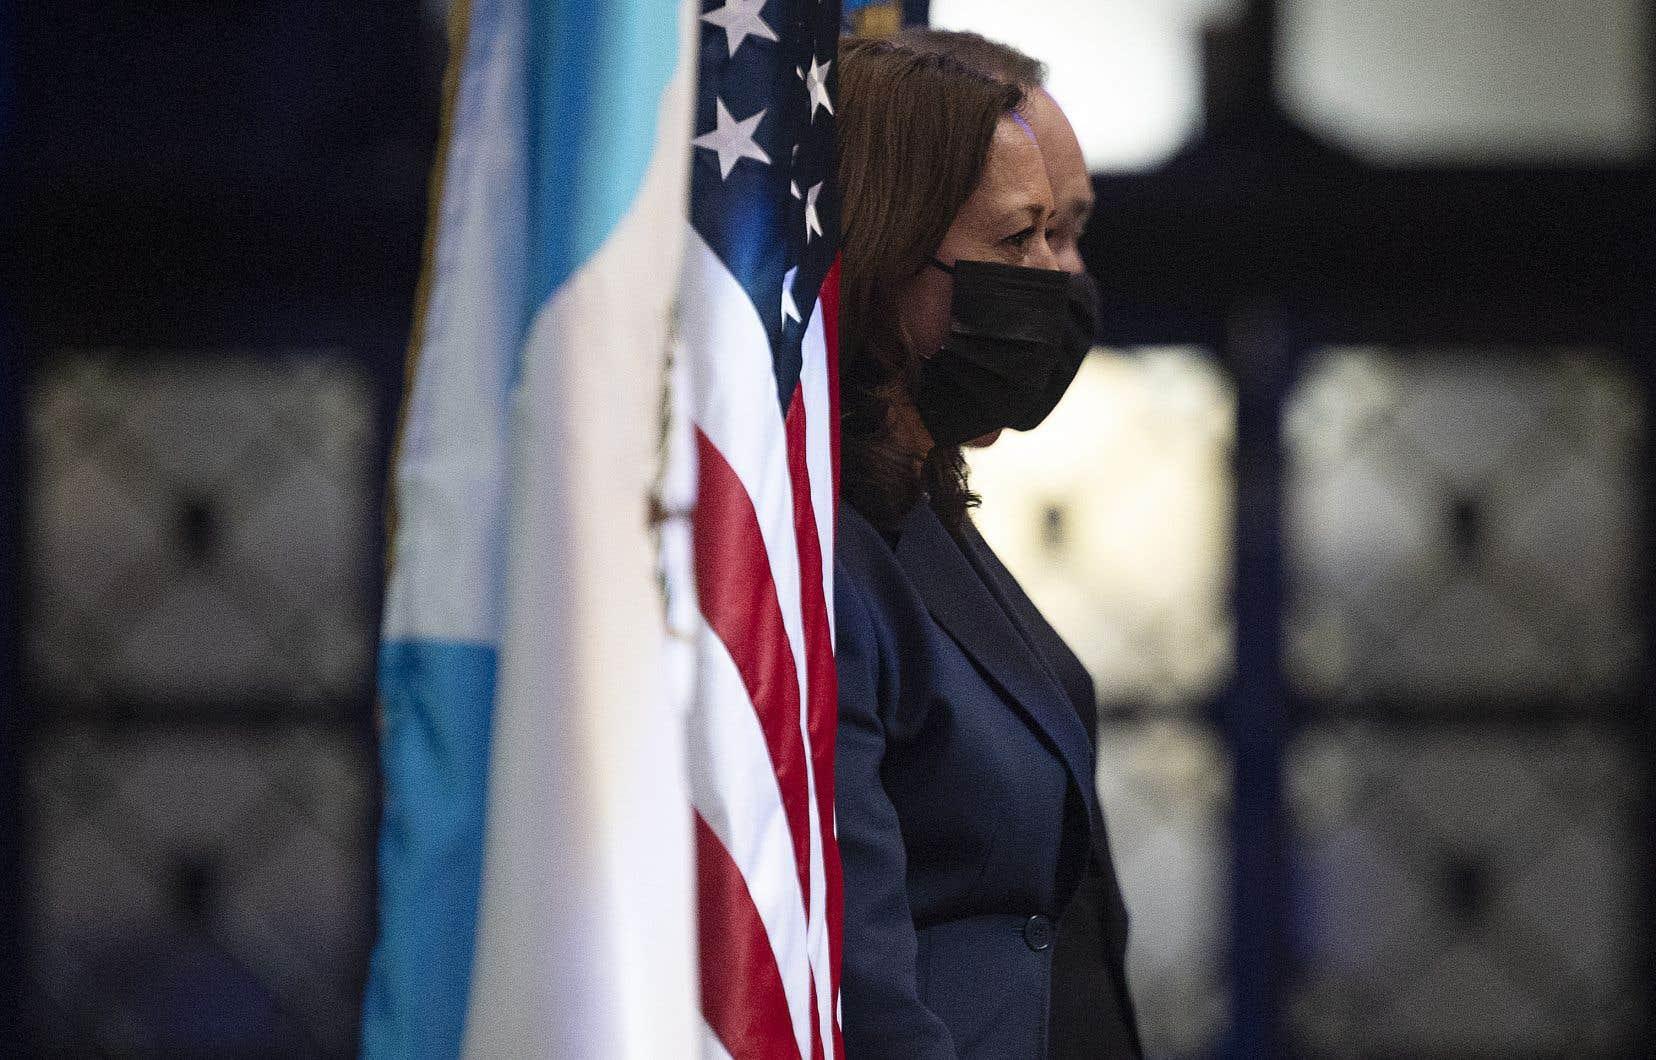 Lundi au Guatemala puis mardi au Mexique, la numéro deux du gouvernement américain a été épinglée pour de petites phrases qui ont éclipsé, au moins dans les médias conservateurs, l'objectif principal de son voyage: se pencher en «priorité» sur les causes de la crise migratoire.